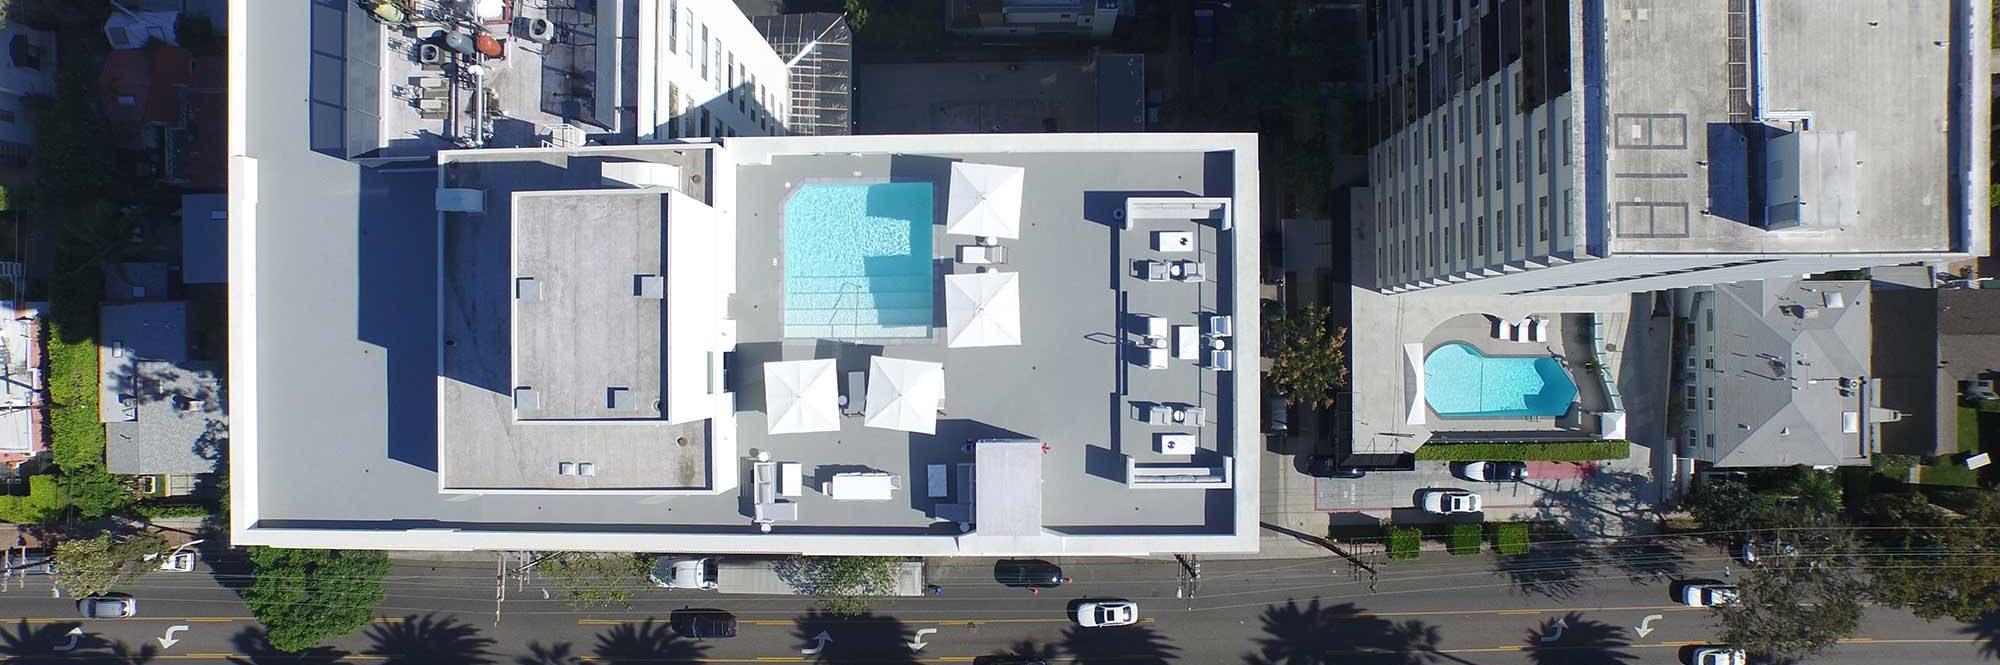 rooftop-pool-waterproofing-concrete